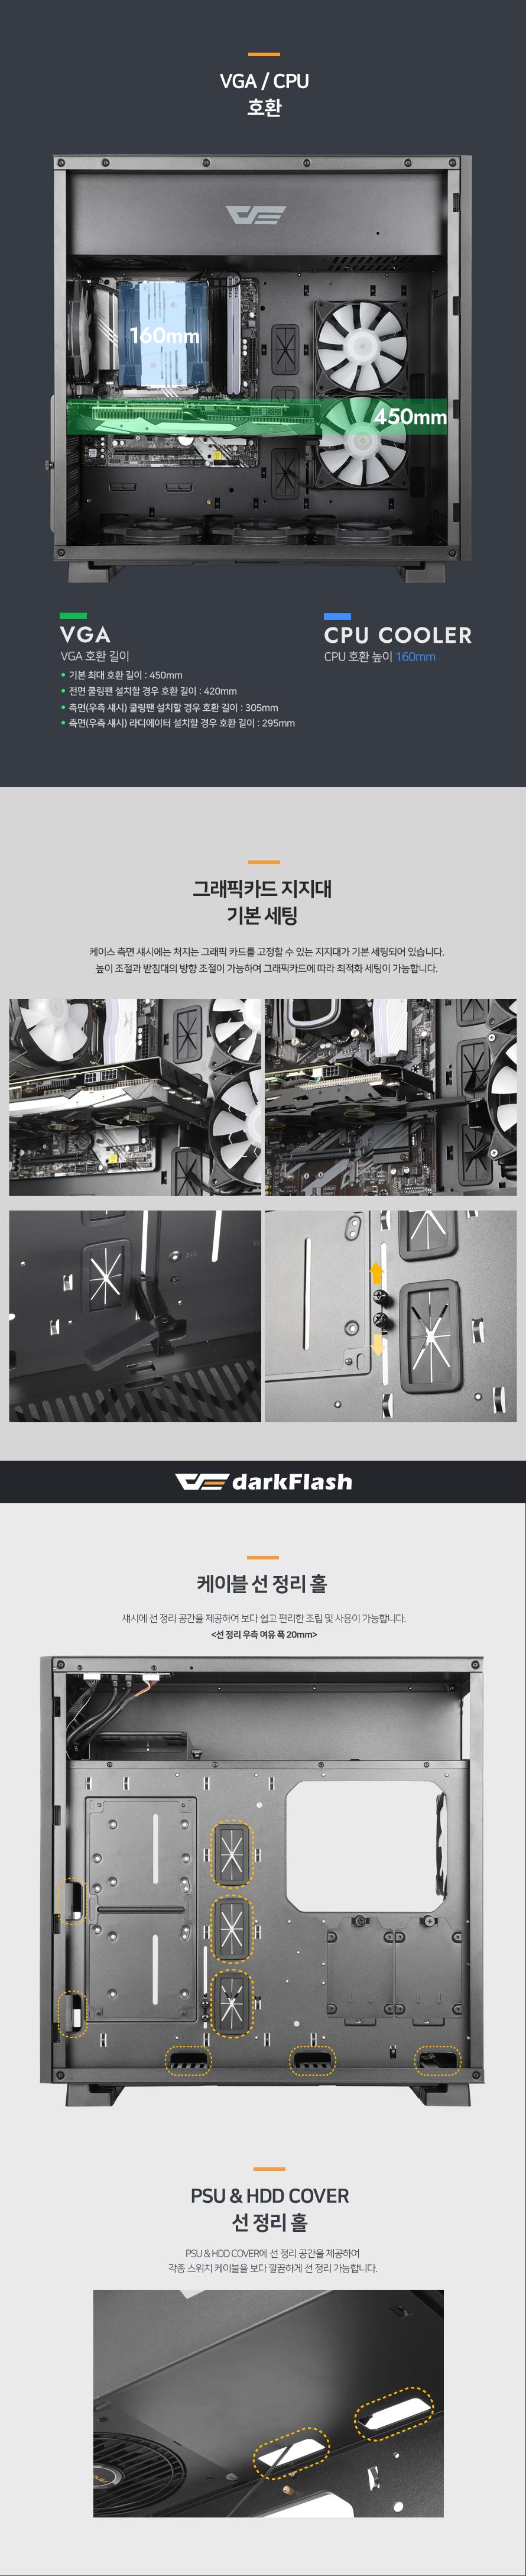 darkFlash DLN25 SILENT